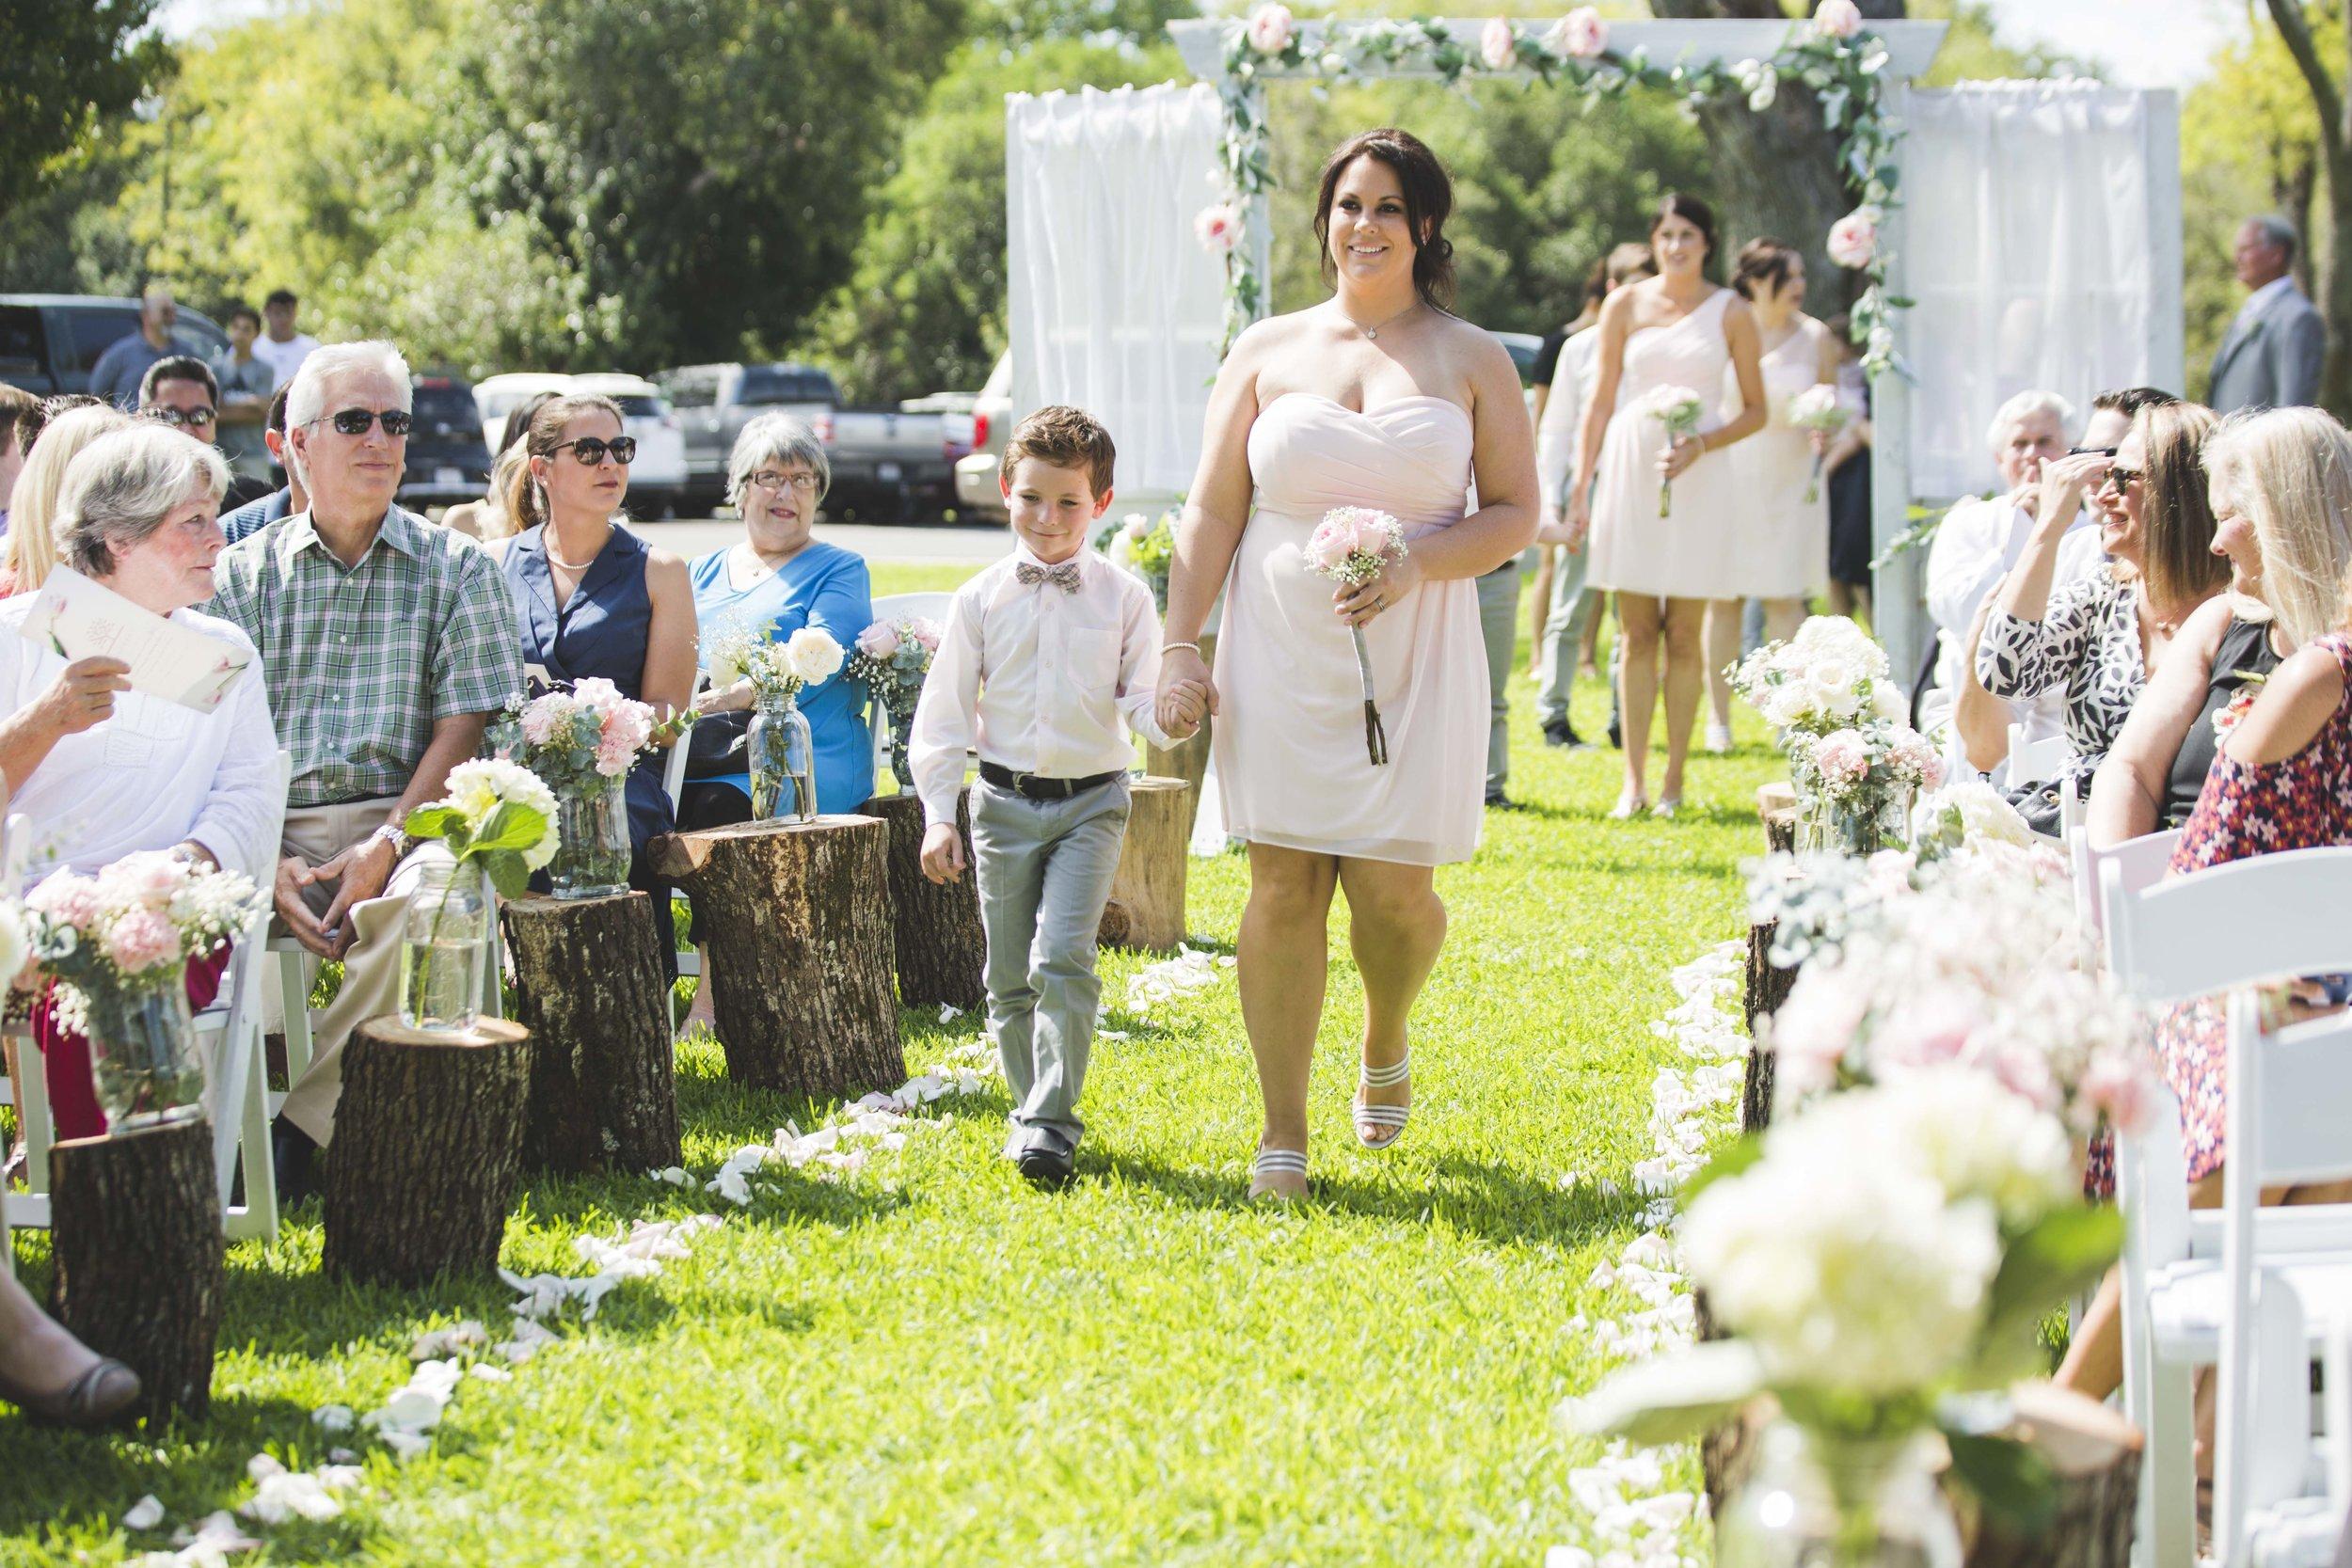 ATGI_Susanna & Matt Wedding_717A7519.jpg